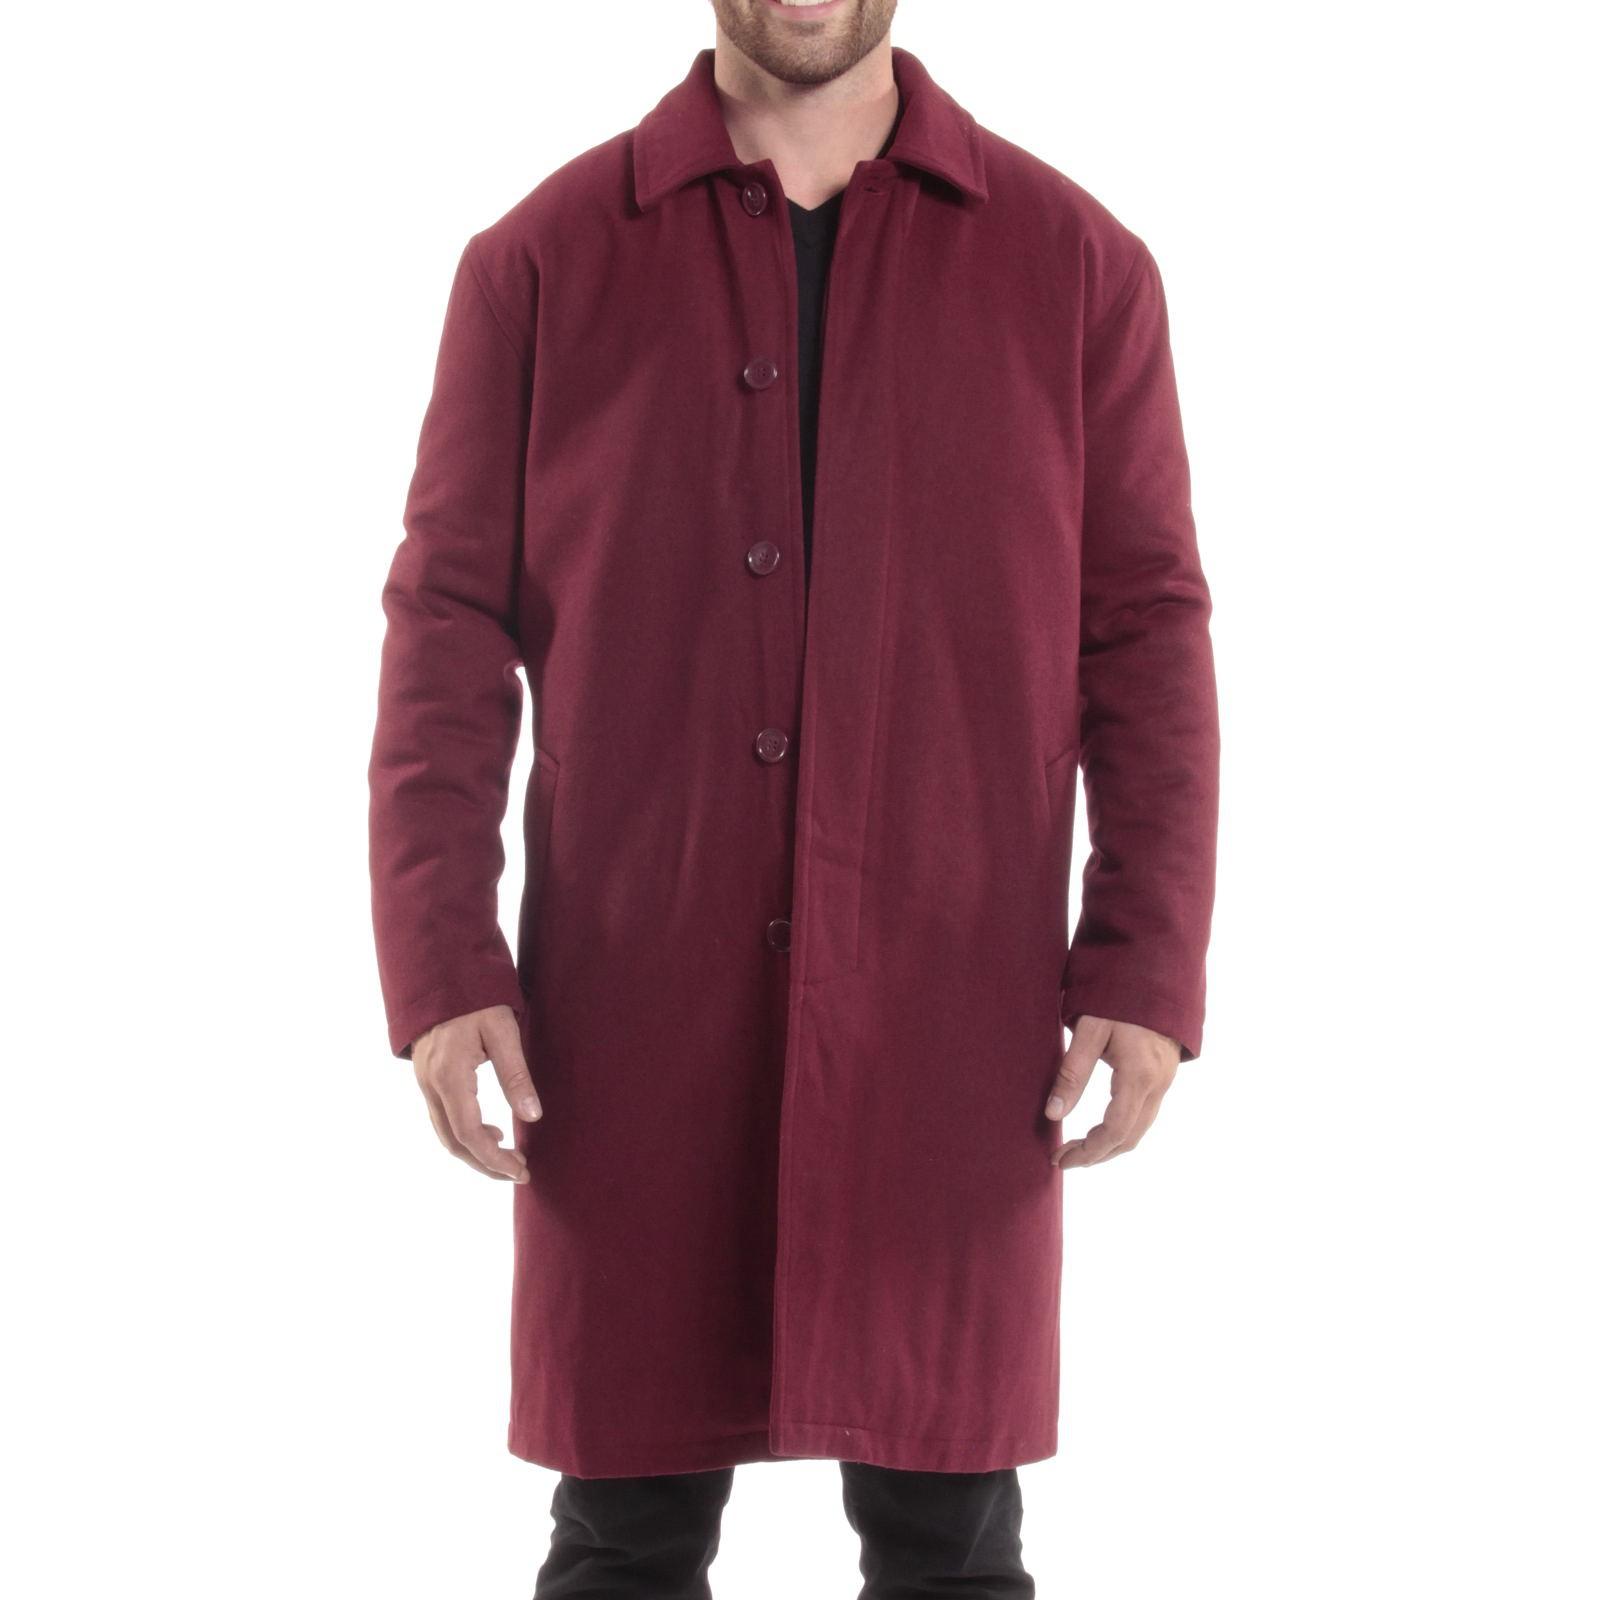 Overcoat size